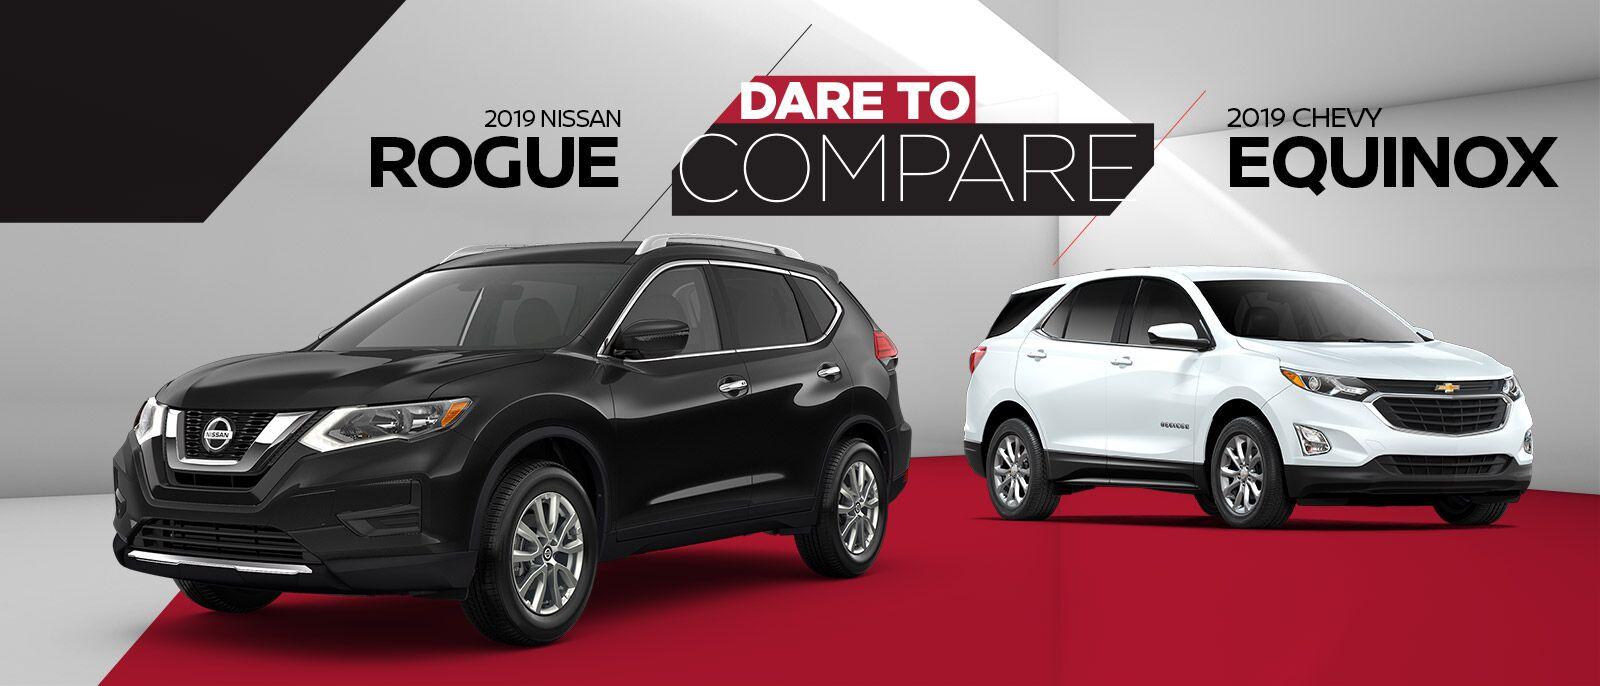 2019 Nissan Rogue vs 2019 Chevrolet Equinox